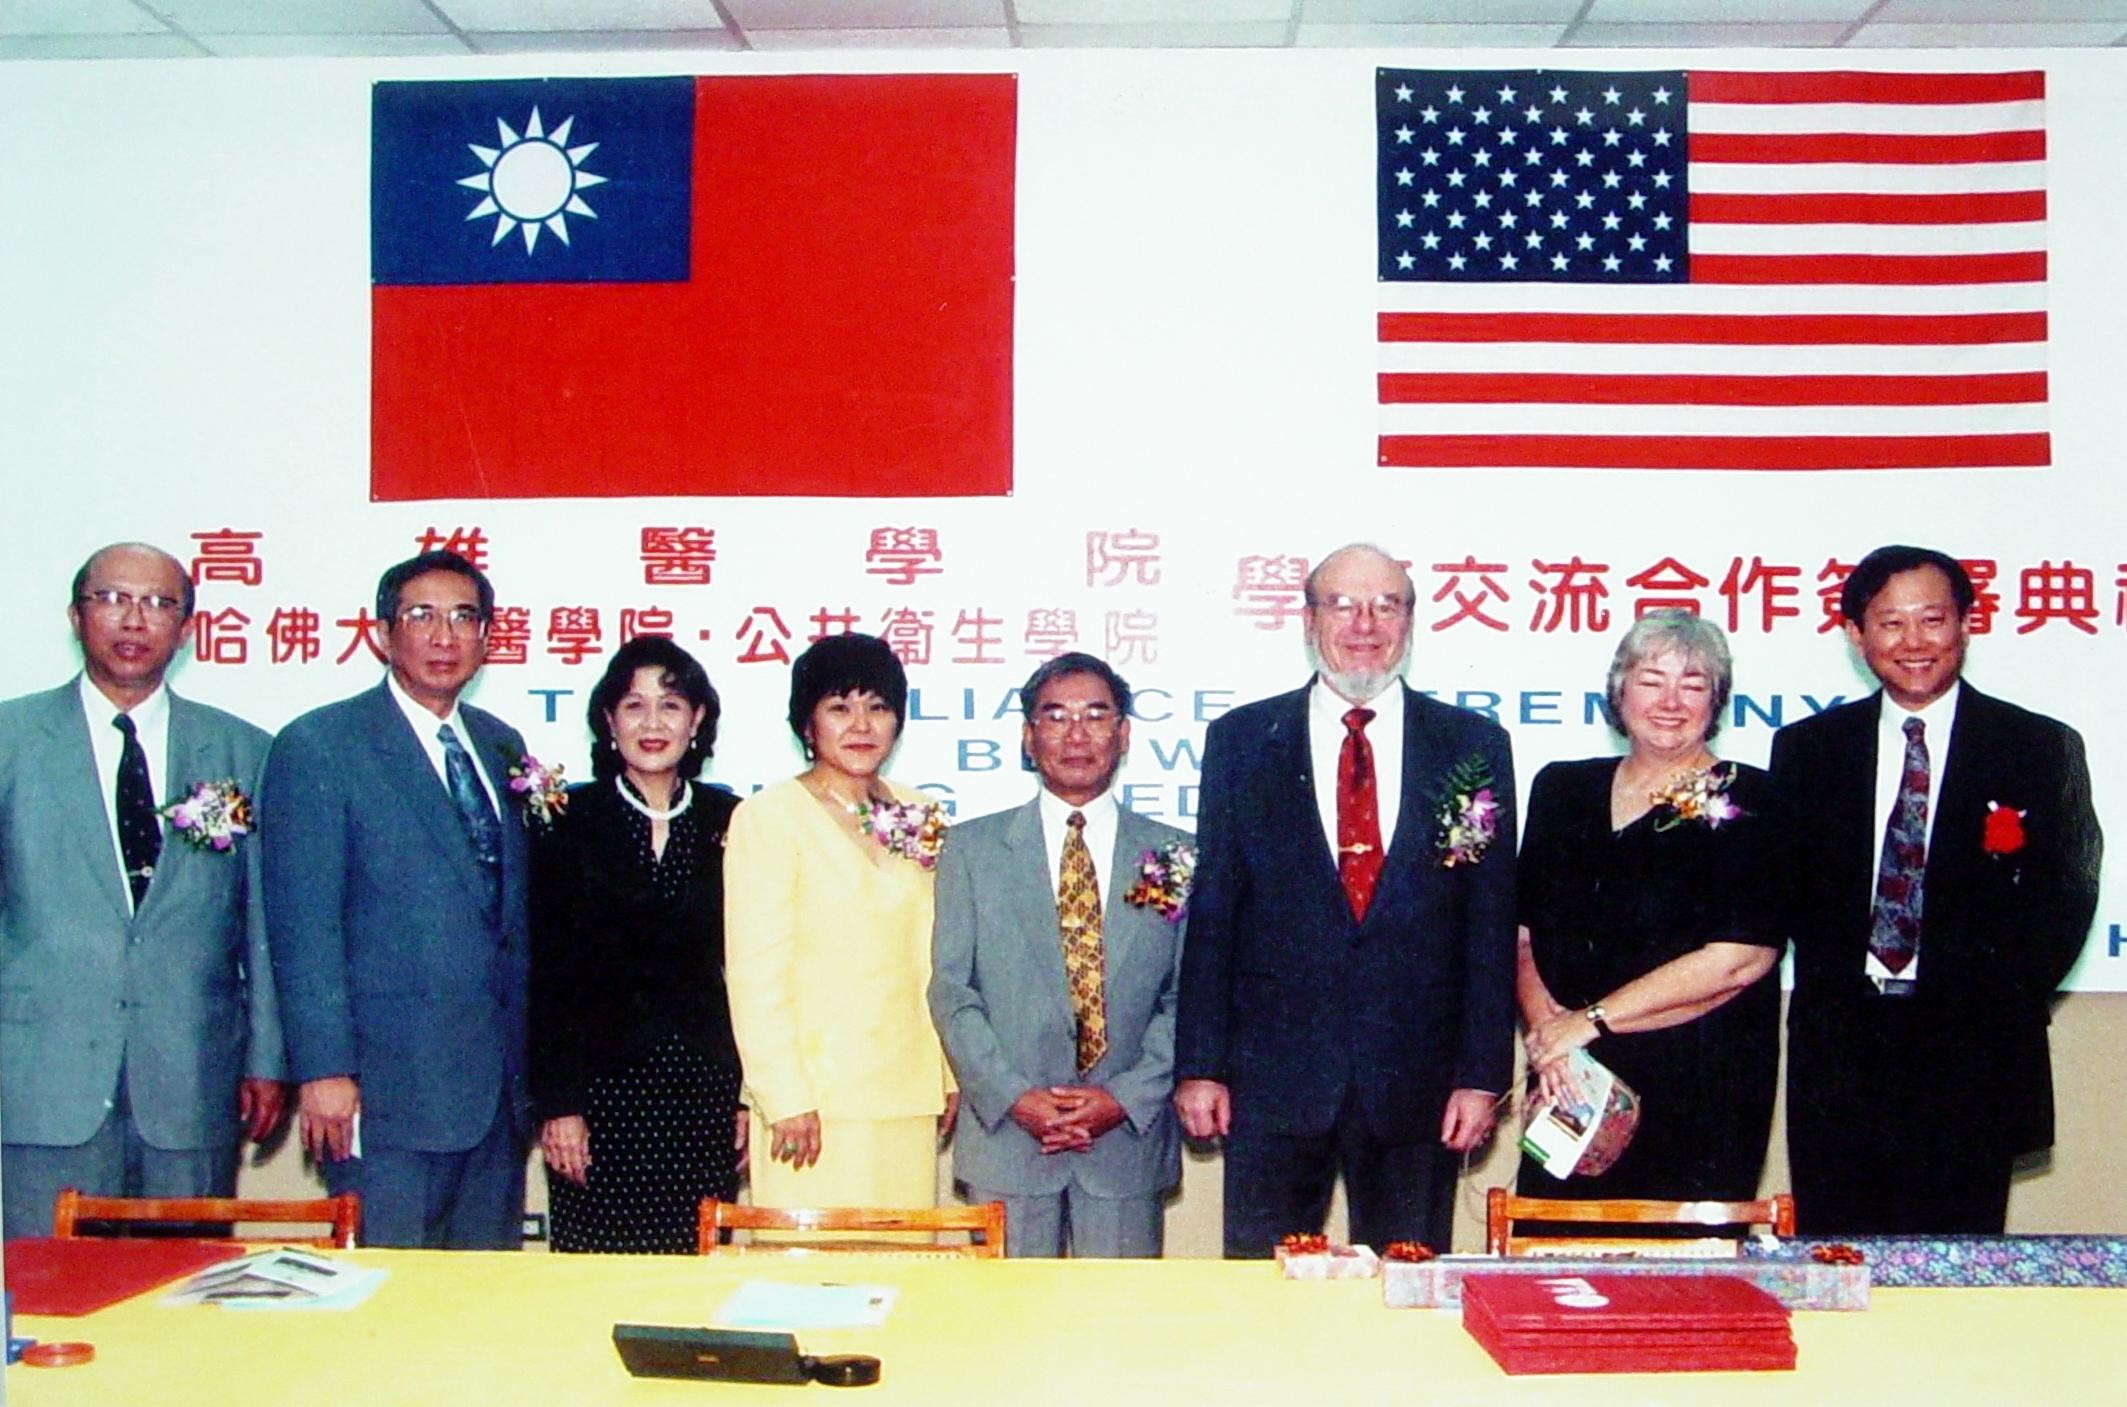 Alliance簽約日,左起附設醫院林永哲院長、高醫蔡瑞熊院長伉儷、陳田植董事長伉儷、 Haber教授 伉儷、李沐恩教授。